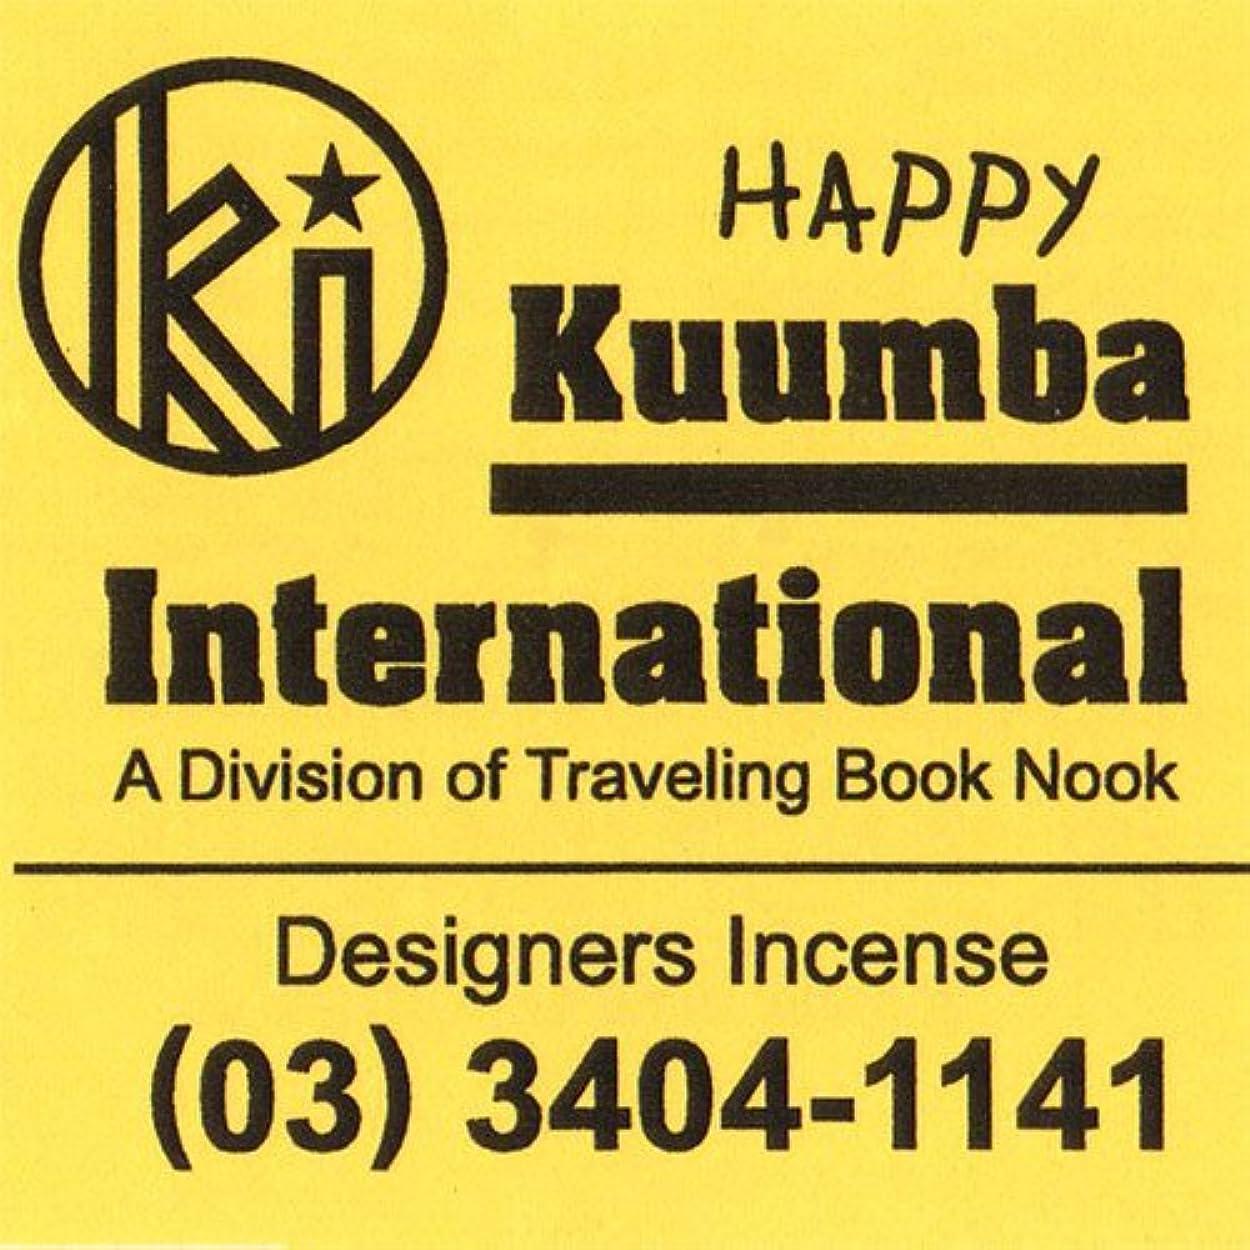 長いです所持ランチ(クンバ) KUUMBA『incense』(HAPPY) (Mini size)